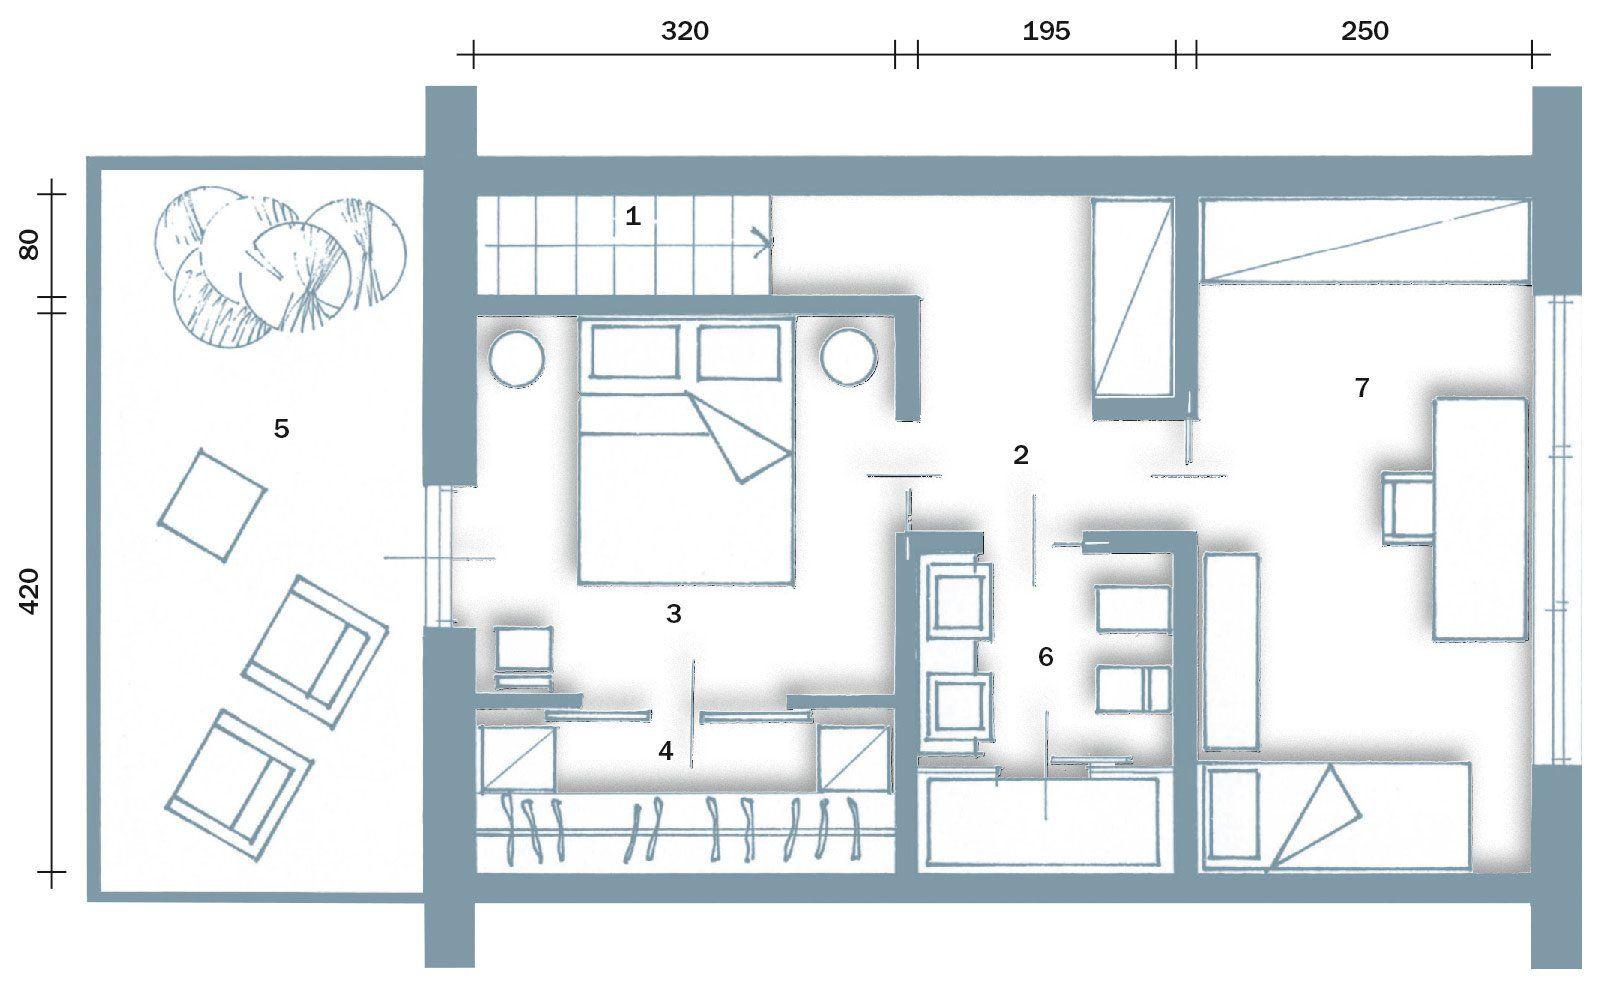 Dimensioni Finestre Camera Da Letto dimensioni minime camera da letto : dimensioni minime camera